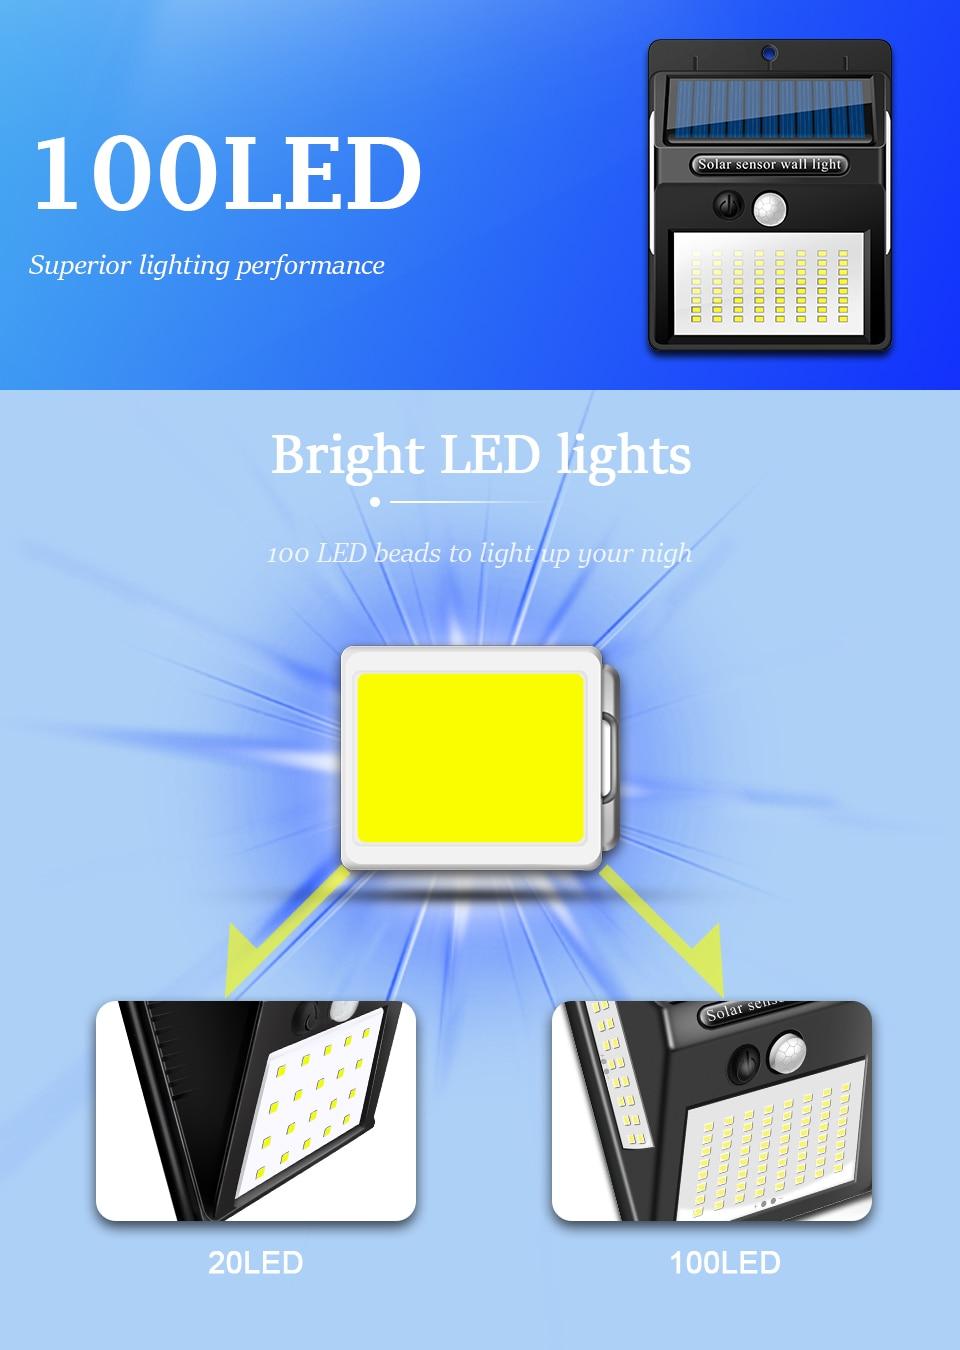 Ηλιακός λαμπτήρας chizao 20/100 led. Υψηλή φωτεινότητα-positive energy msow